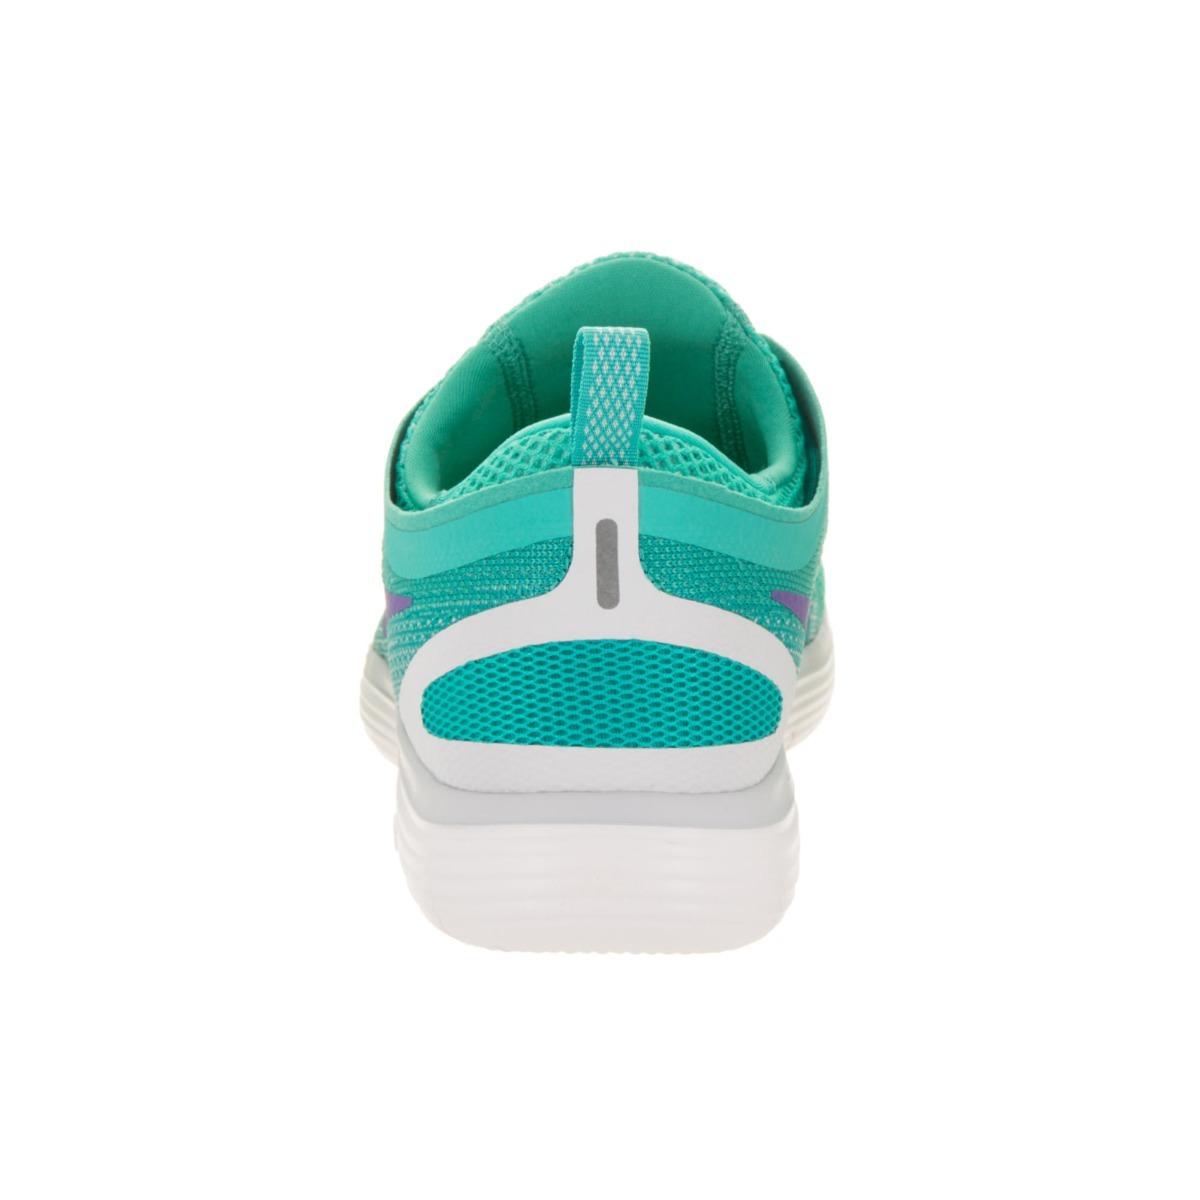 070cf93f92a54 zapatillas nike free rn distance 2 mujer running originales. Cargando zoom.